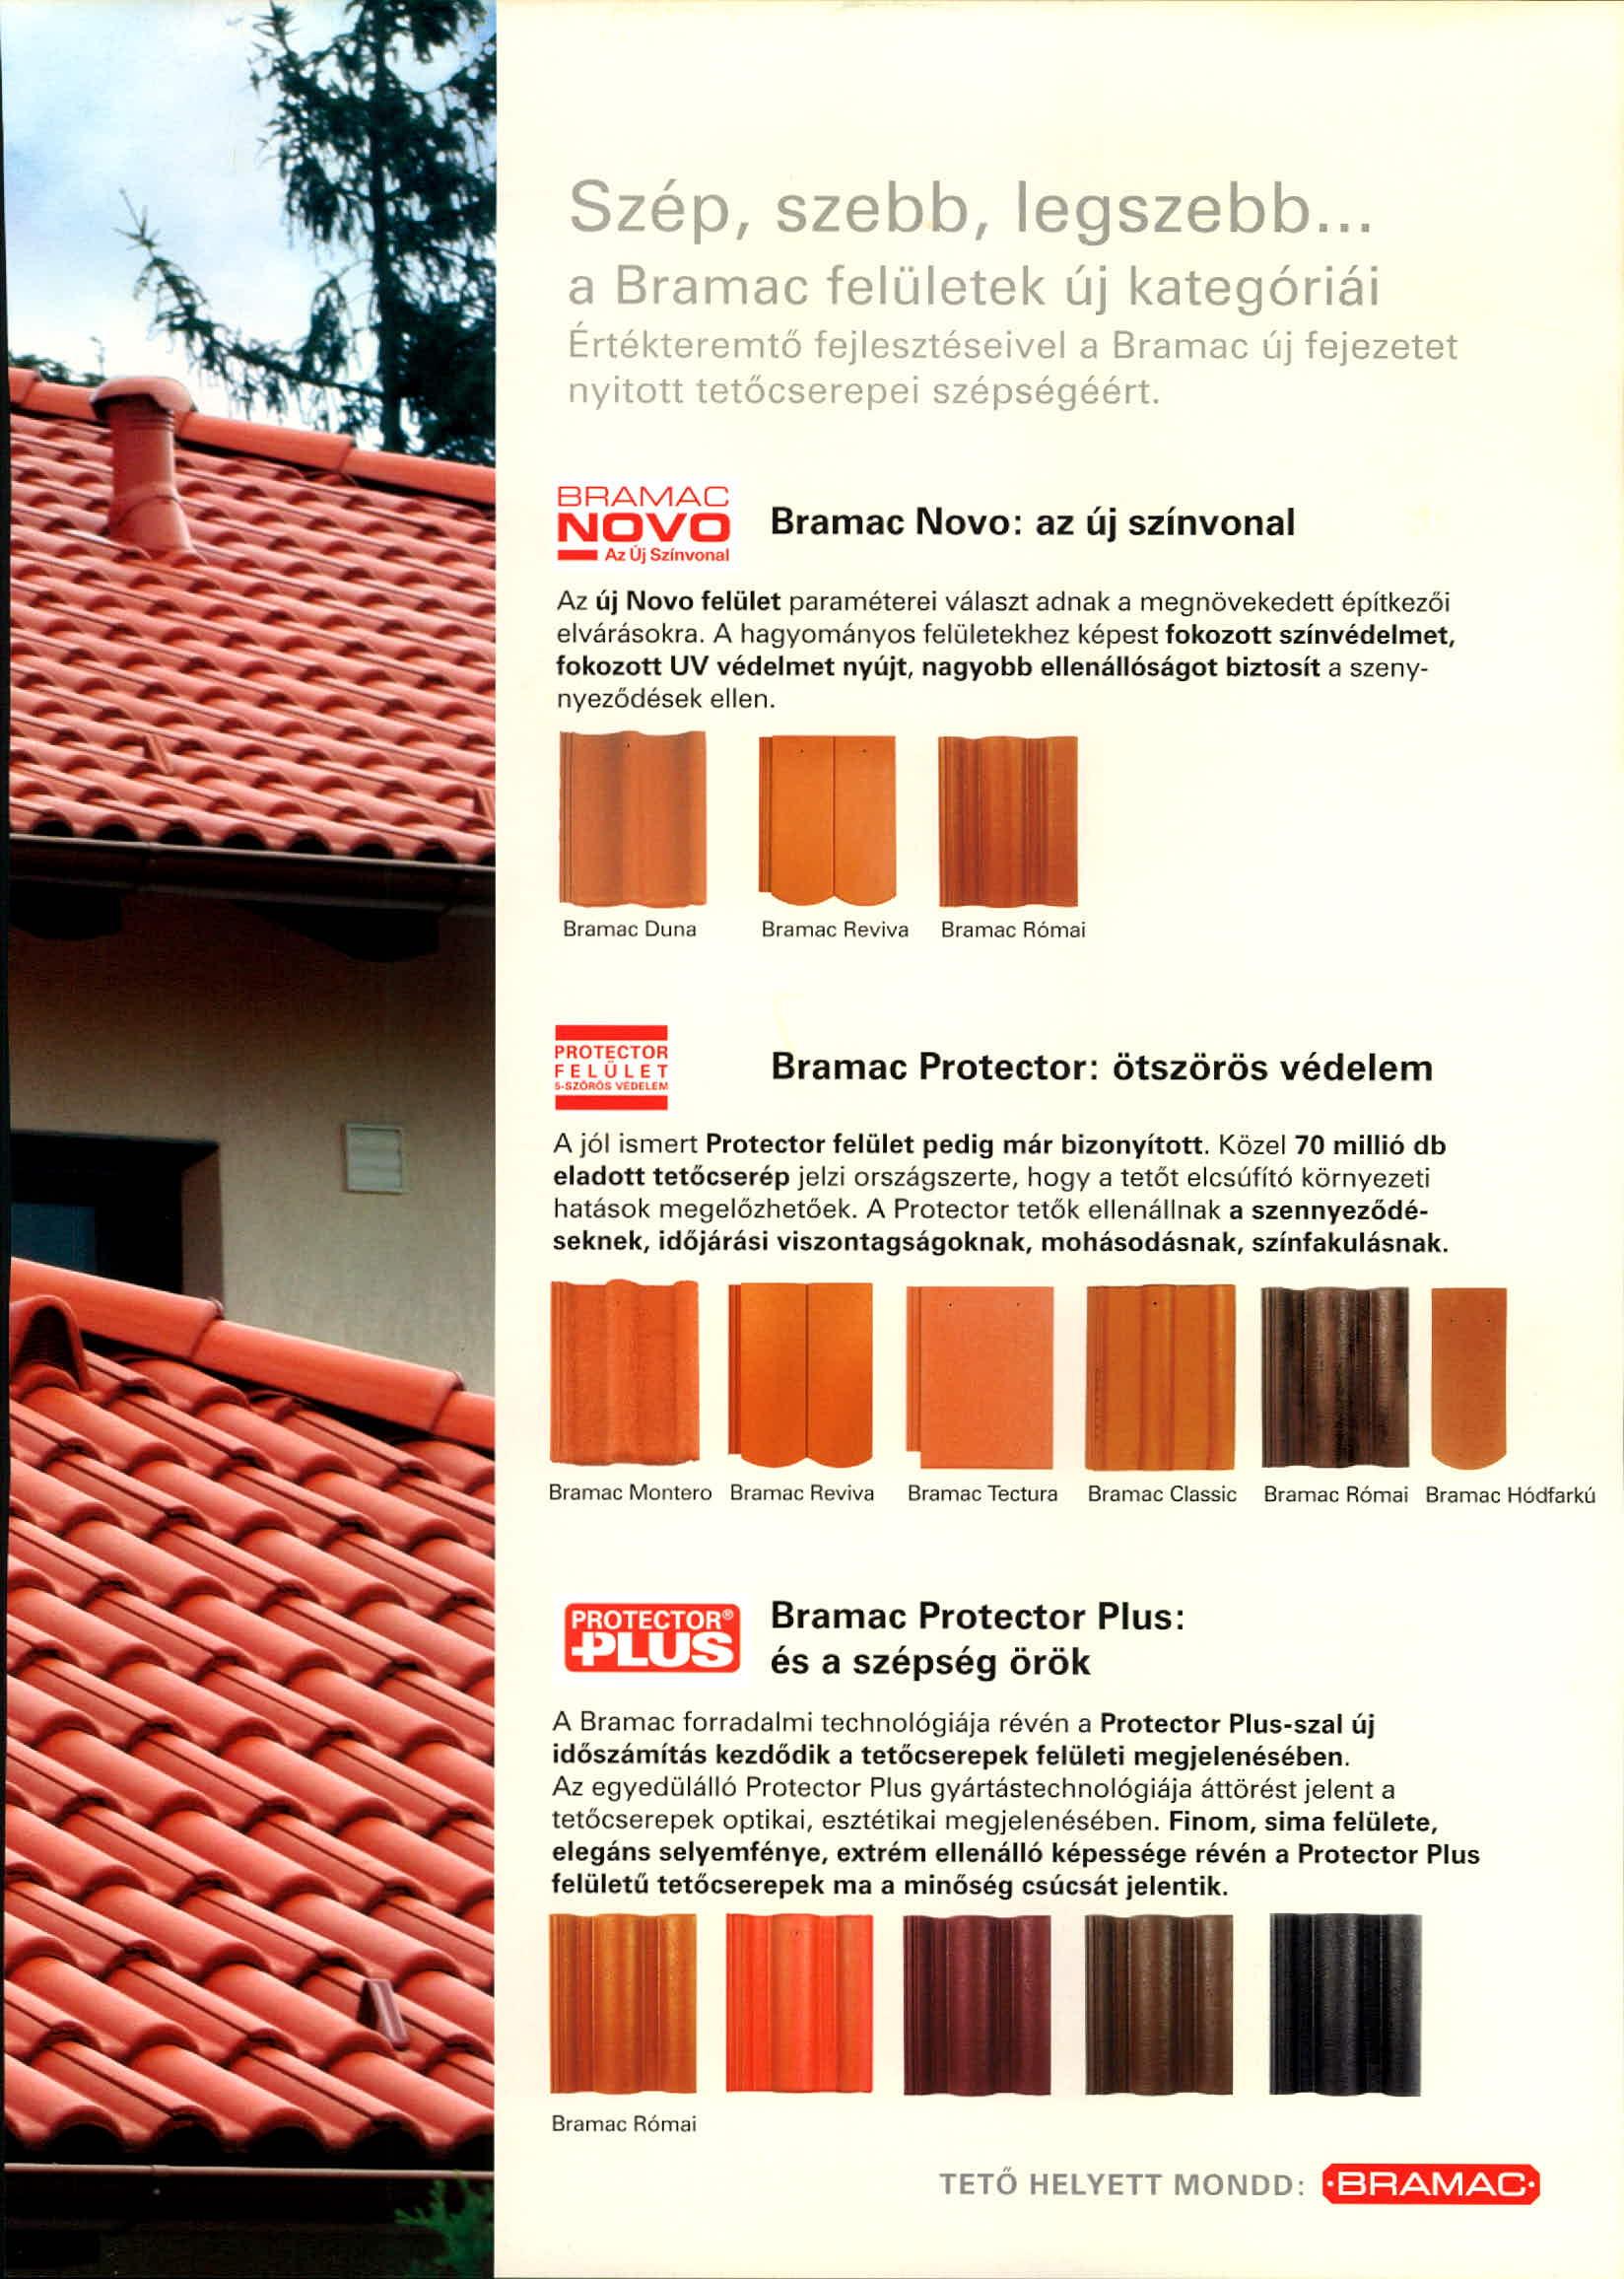 Bramac Protector Plus tetőcserép